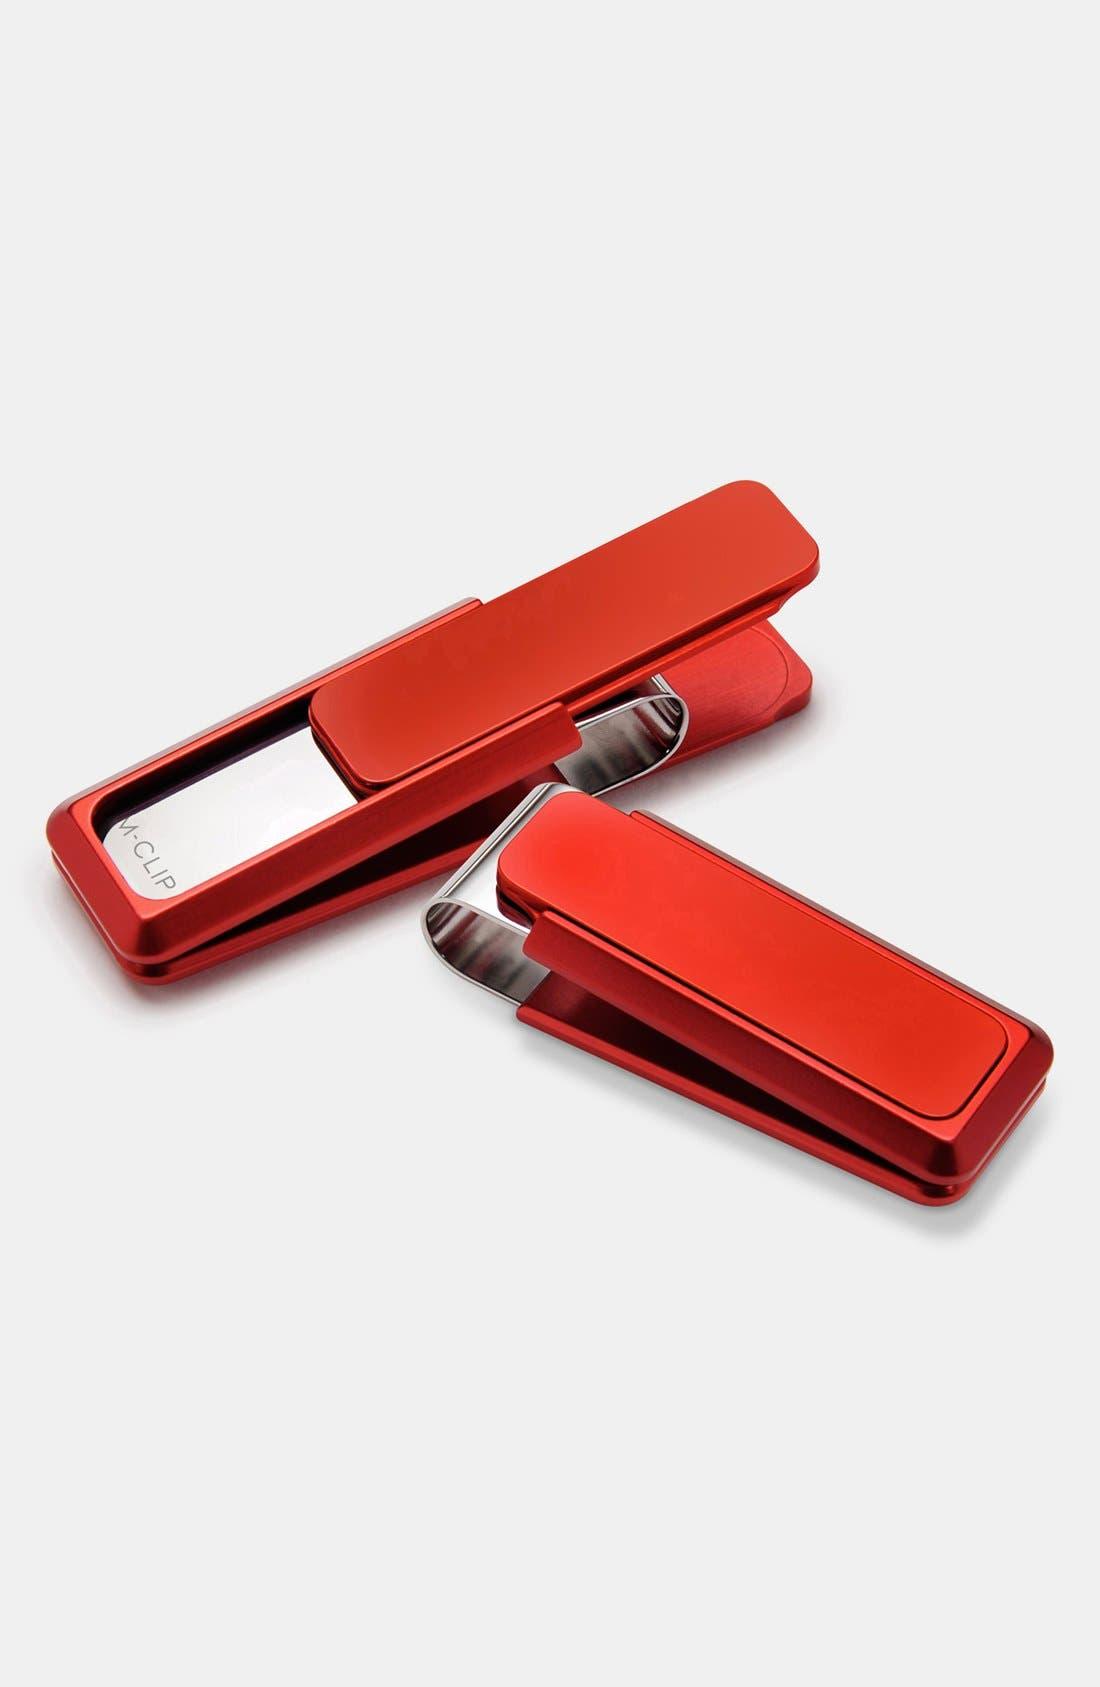 M-Clip® 'Ultralight V2' Money Clip